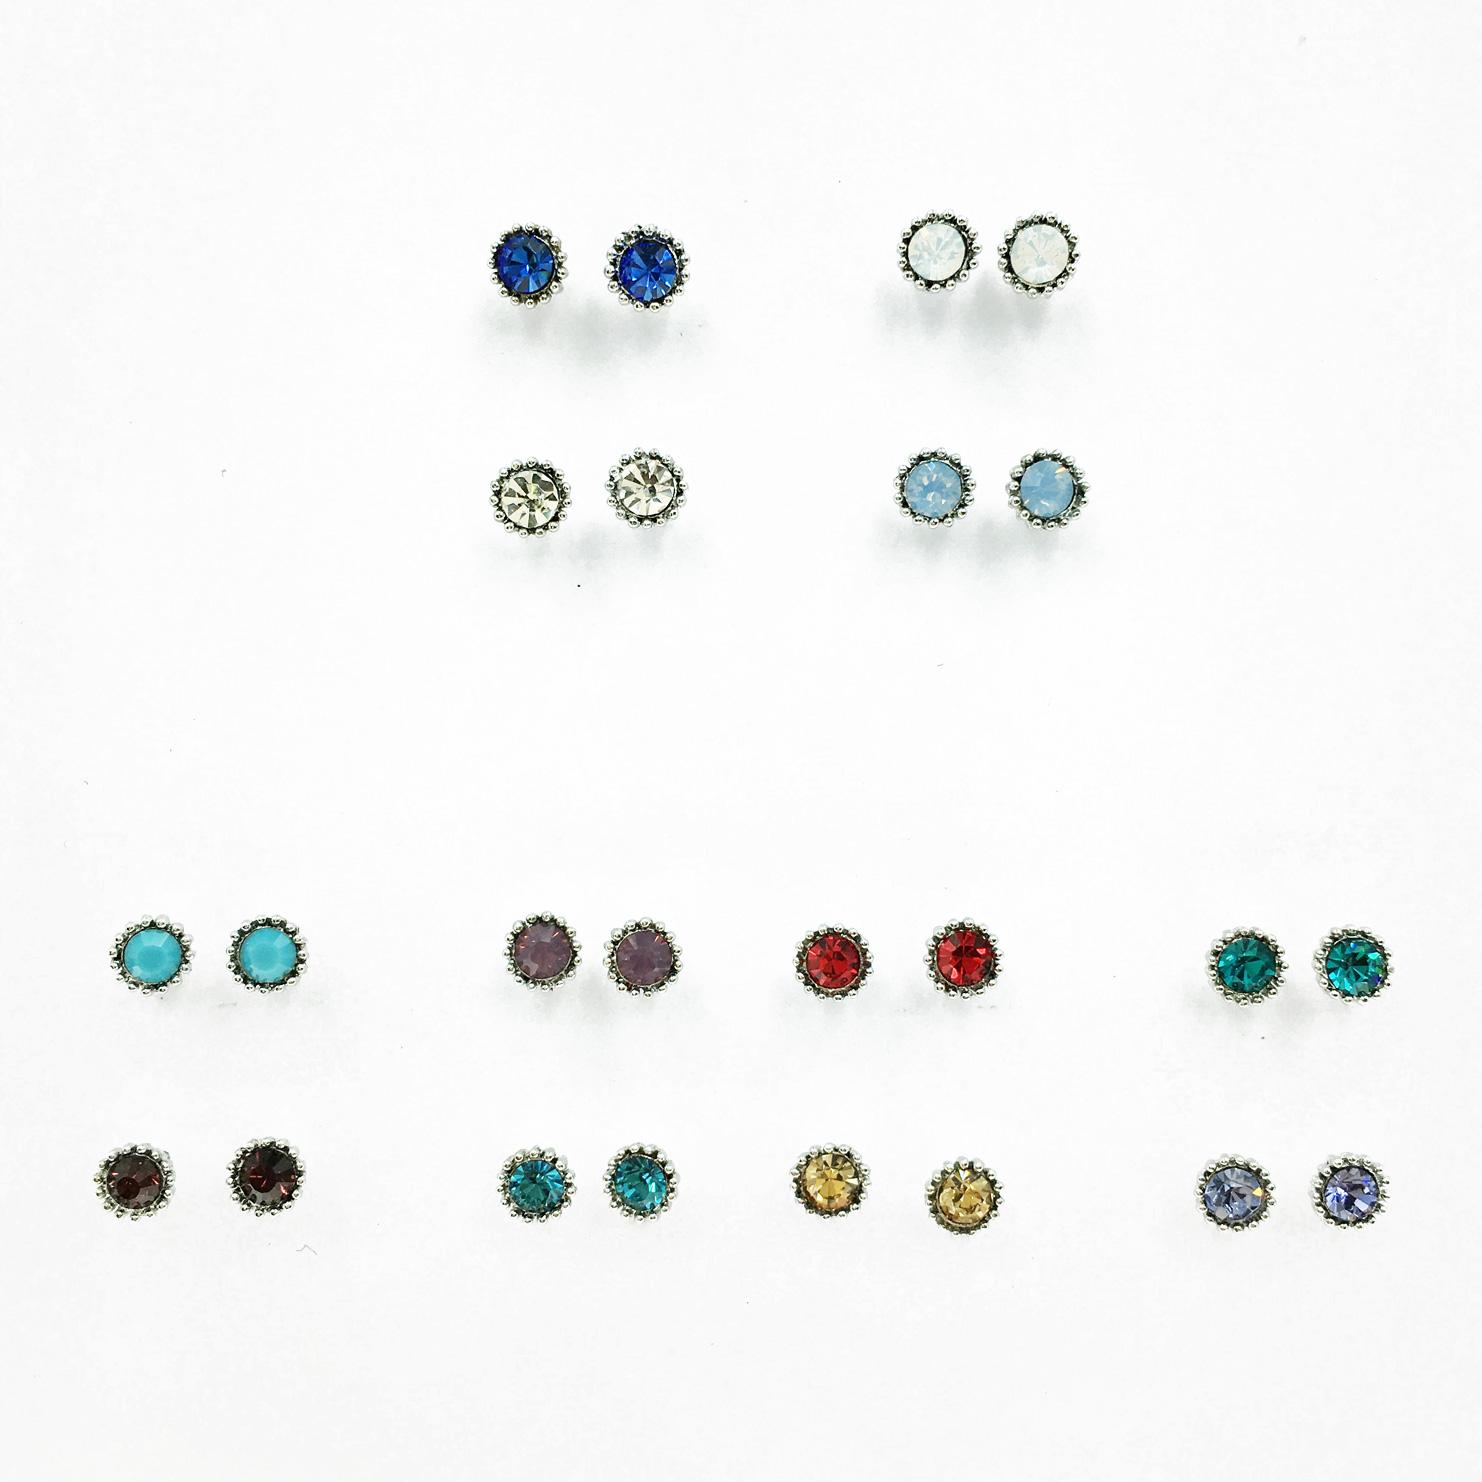 韓國 925純銀 單鑽 水鑽 一卡多入 四色 簡約百搭款 耳針式耳環